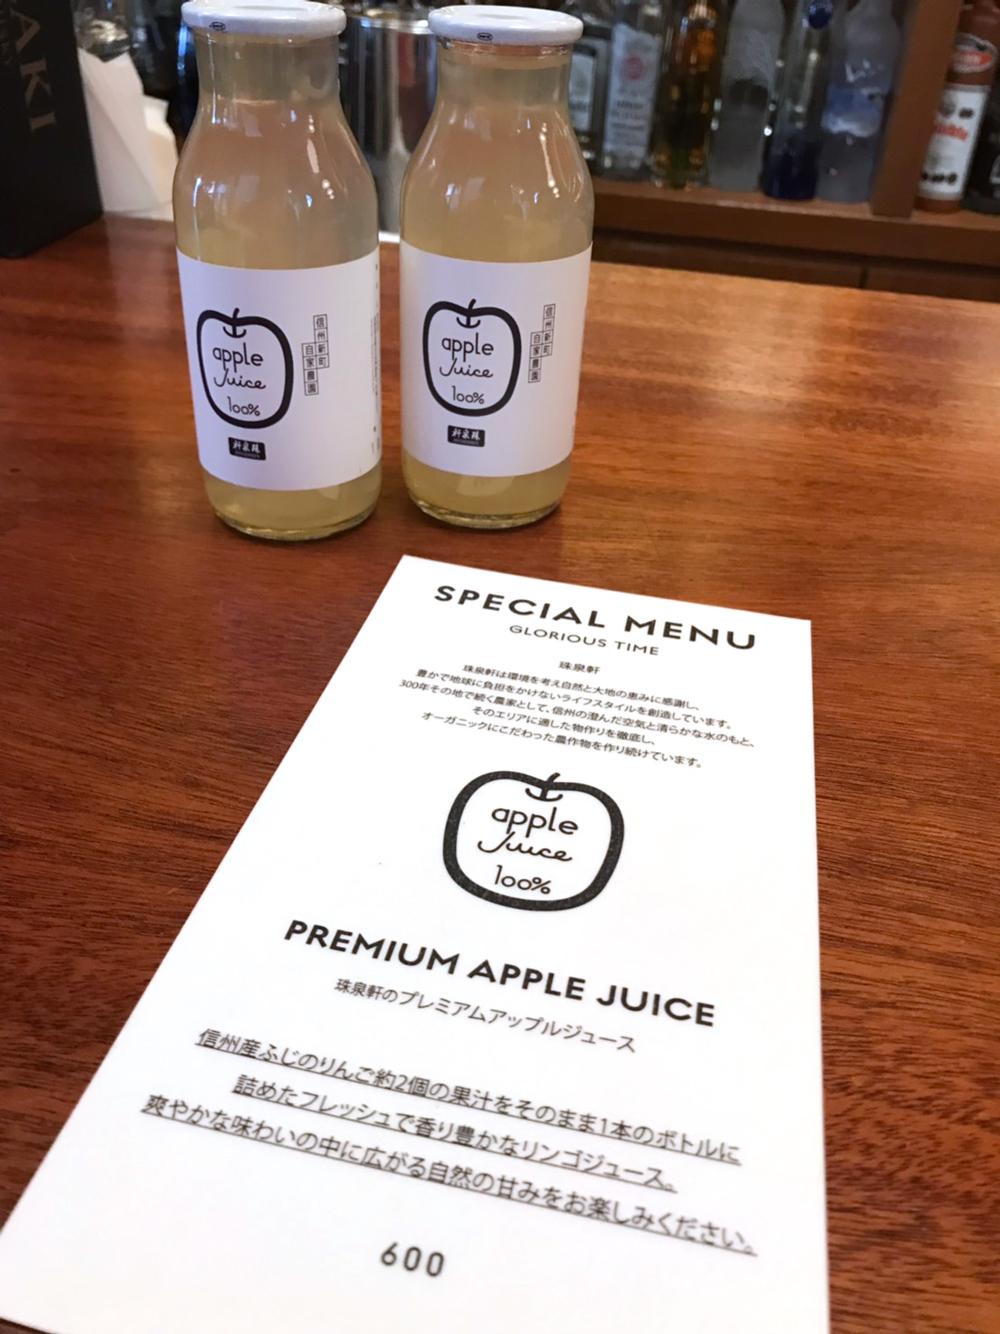 原宿のUA BARにてりんご100%ジュースが味わえます!